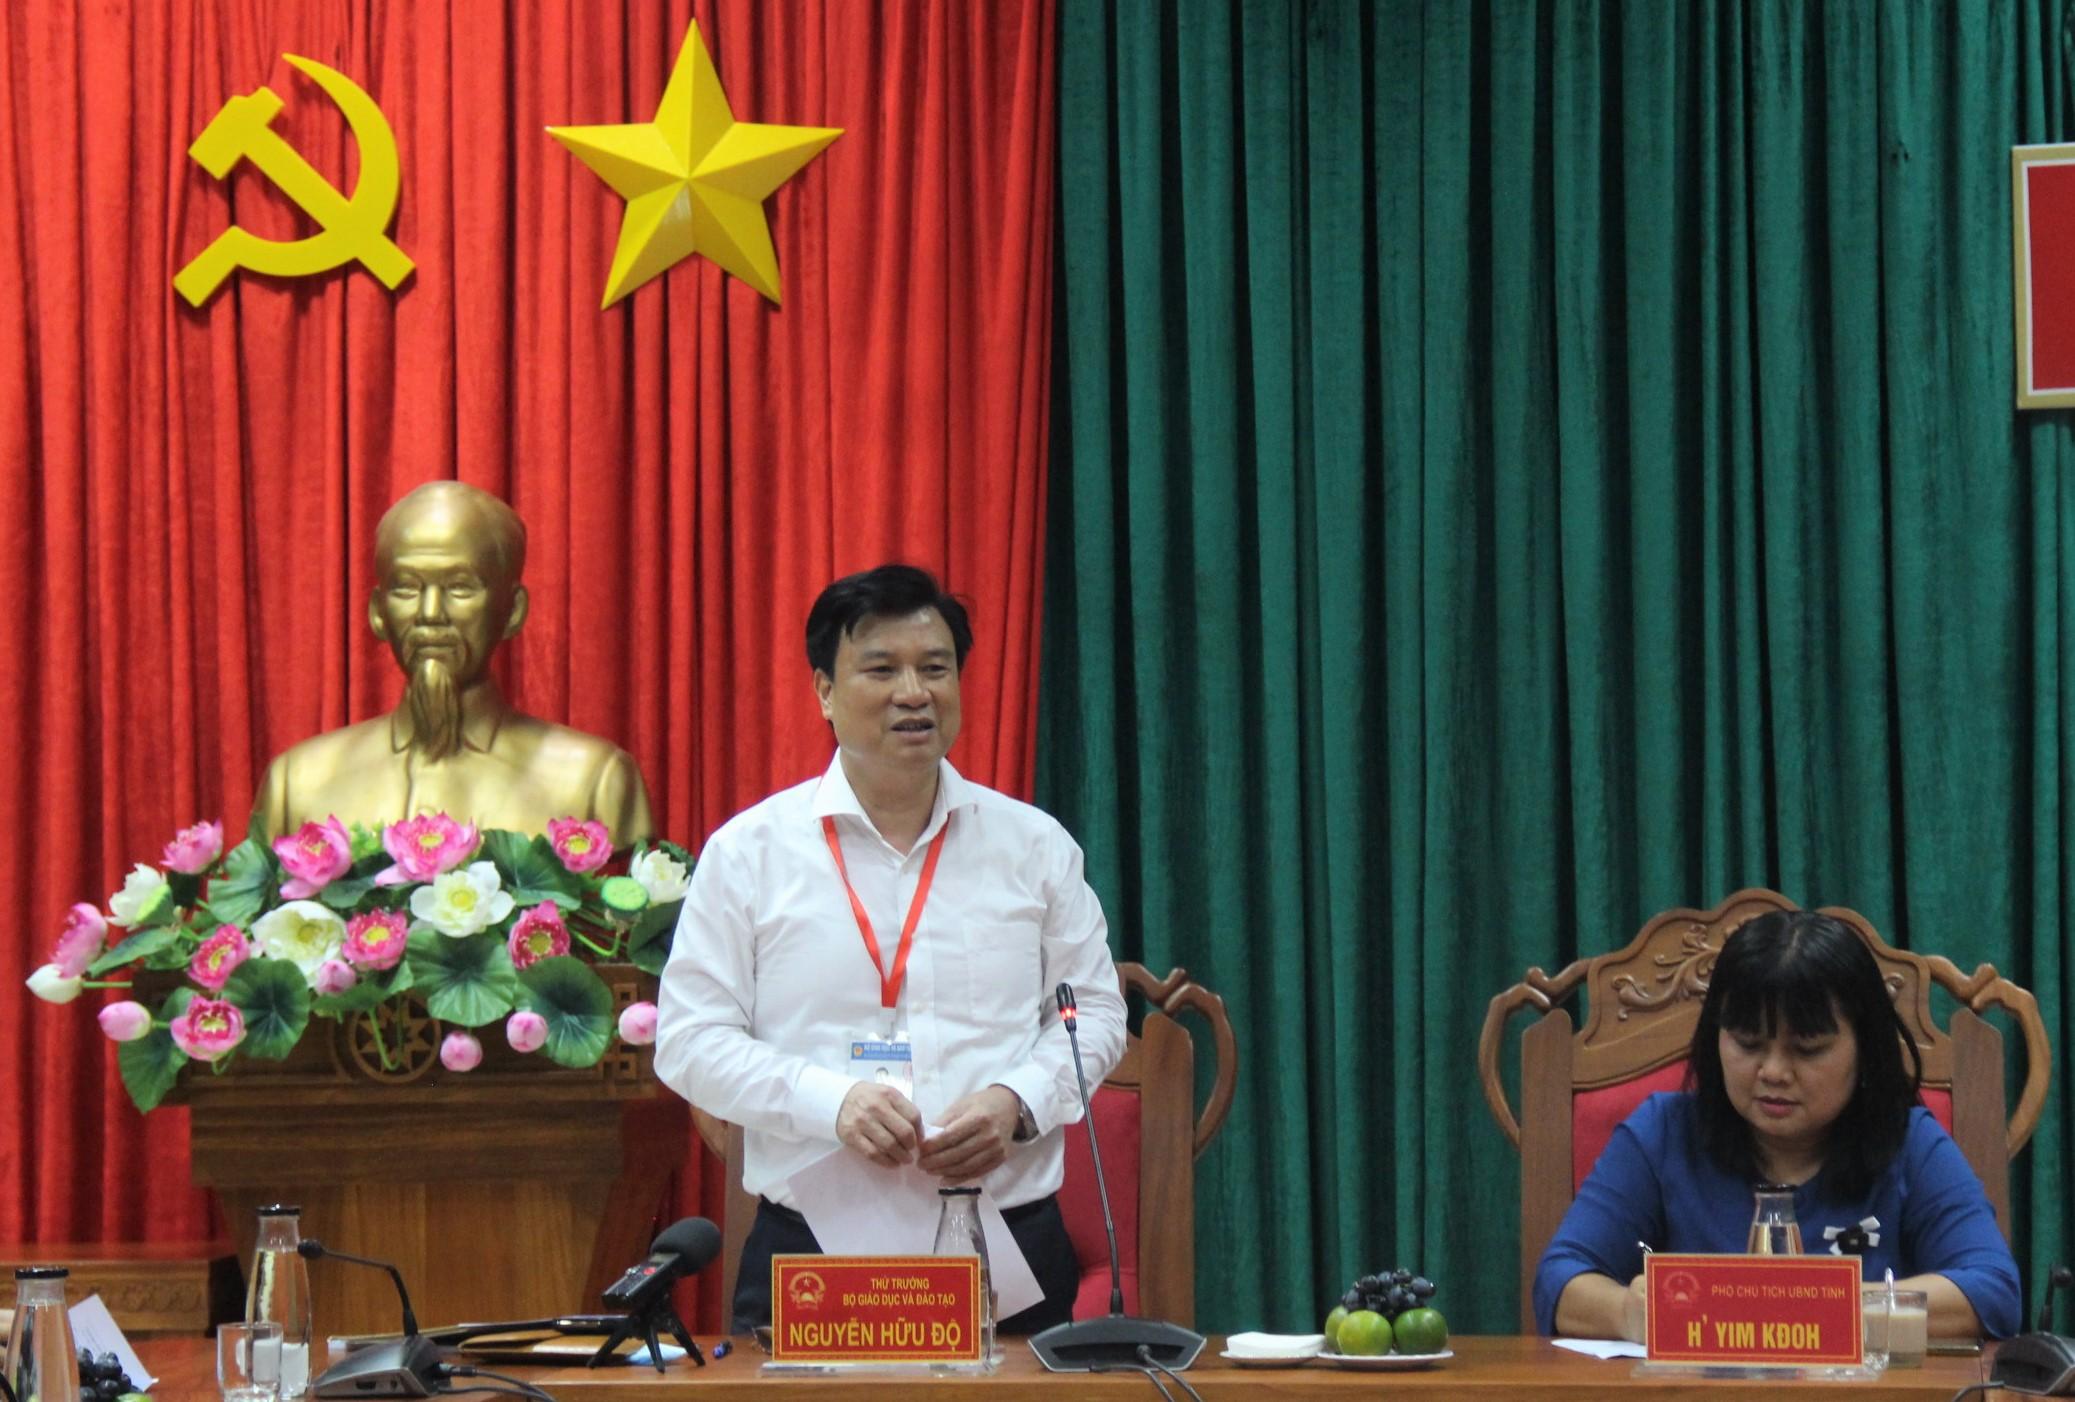 Thứ trưởng Bộ Giáo dục và Đào tạo làm việc với Ban Chỉ đạo thi tốt nghiệp THPT năm 2020 tỉnh Đắk Lắk